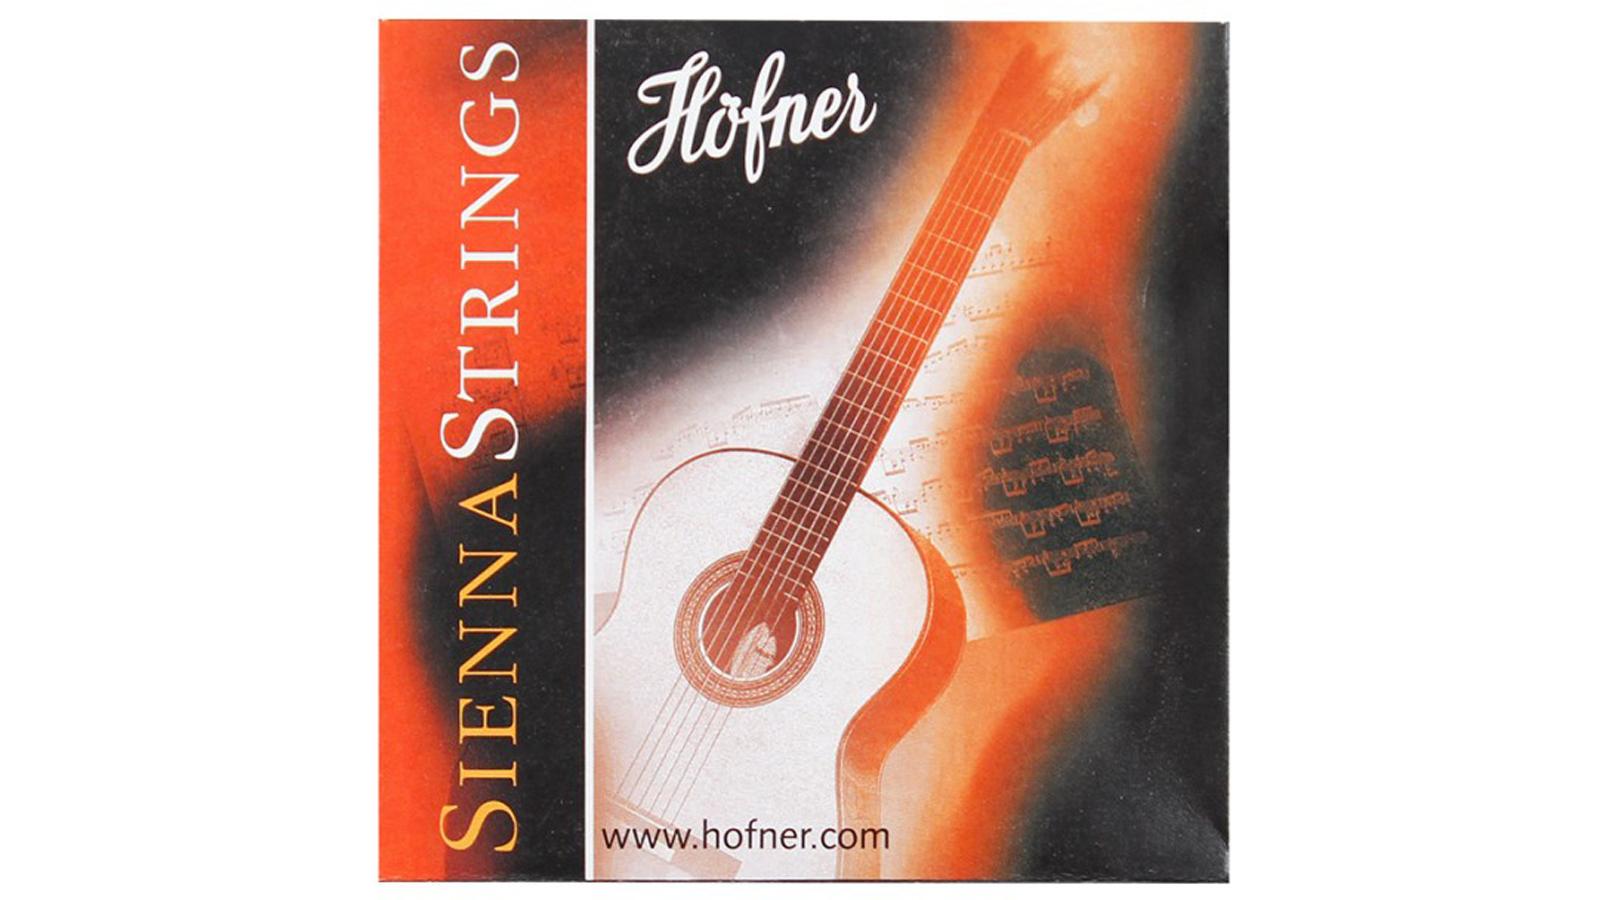 Höfner HSS Saiten für Konzertgitarre